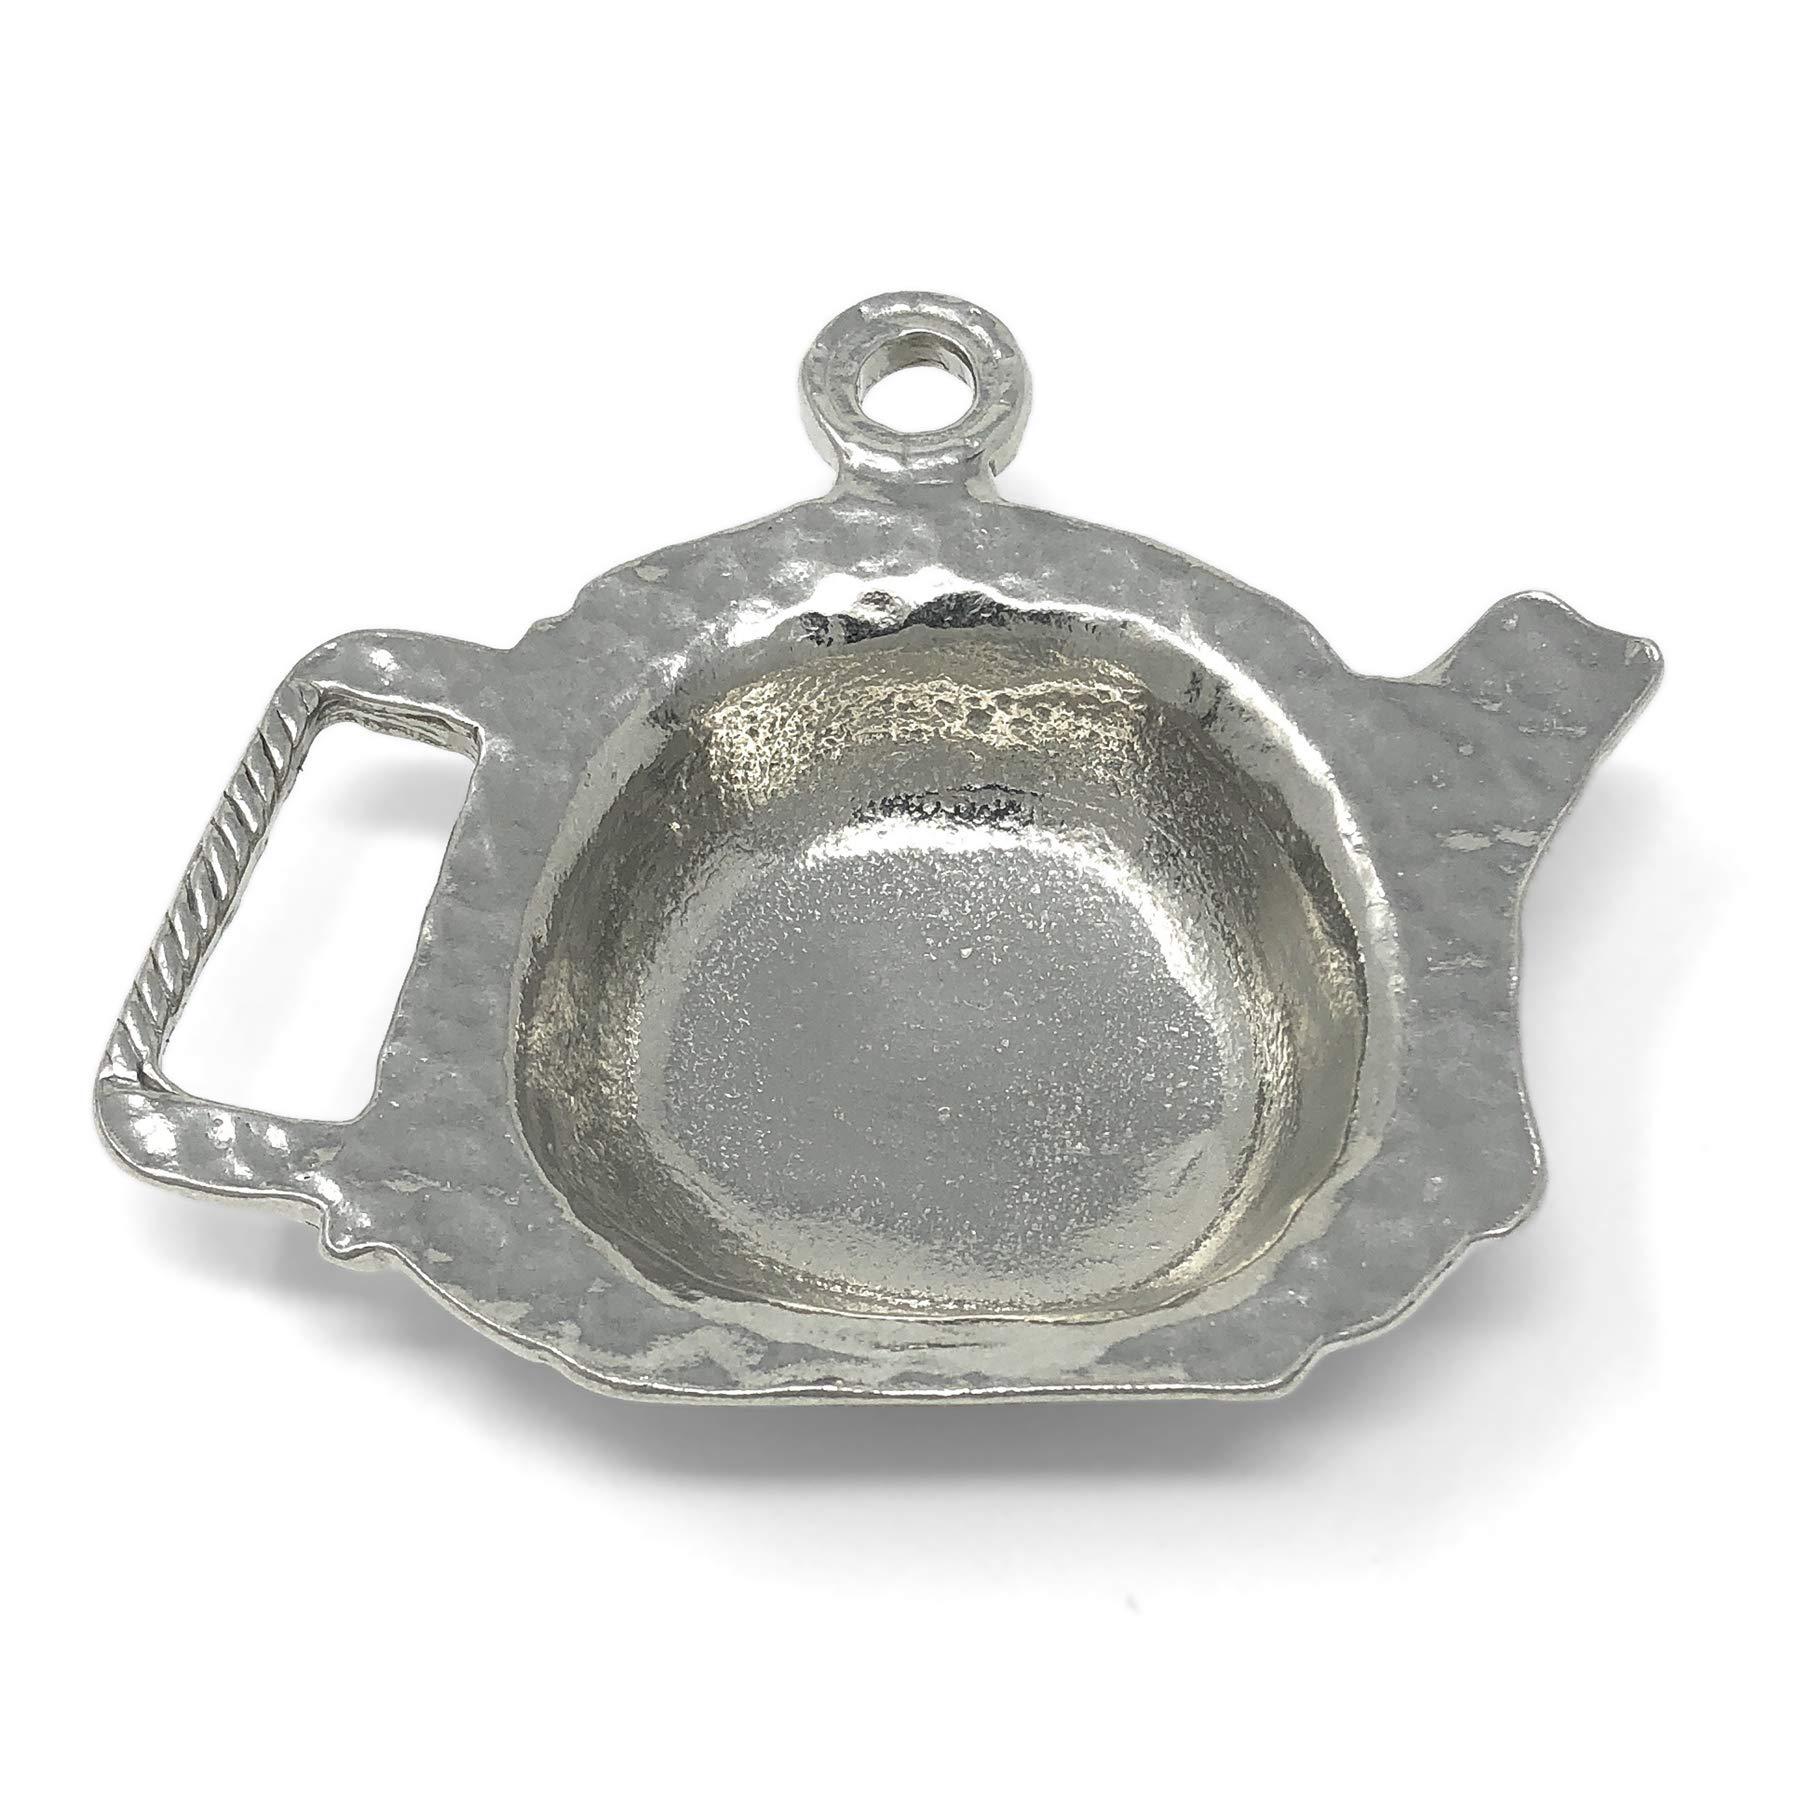 Crosby & Taylor Teapot Shaped Pewter Teabag Holder Trinket Dish